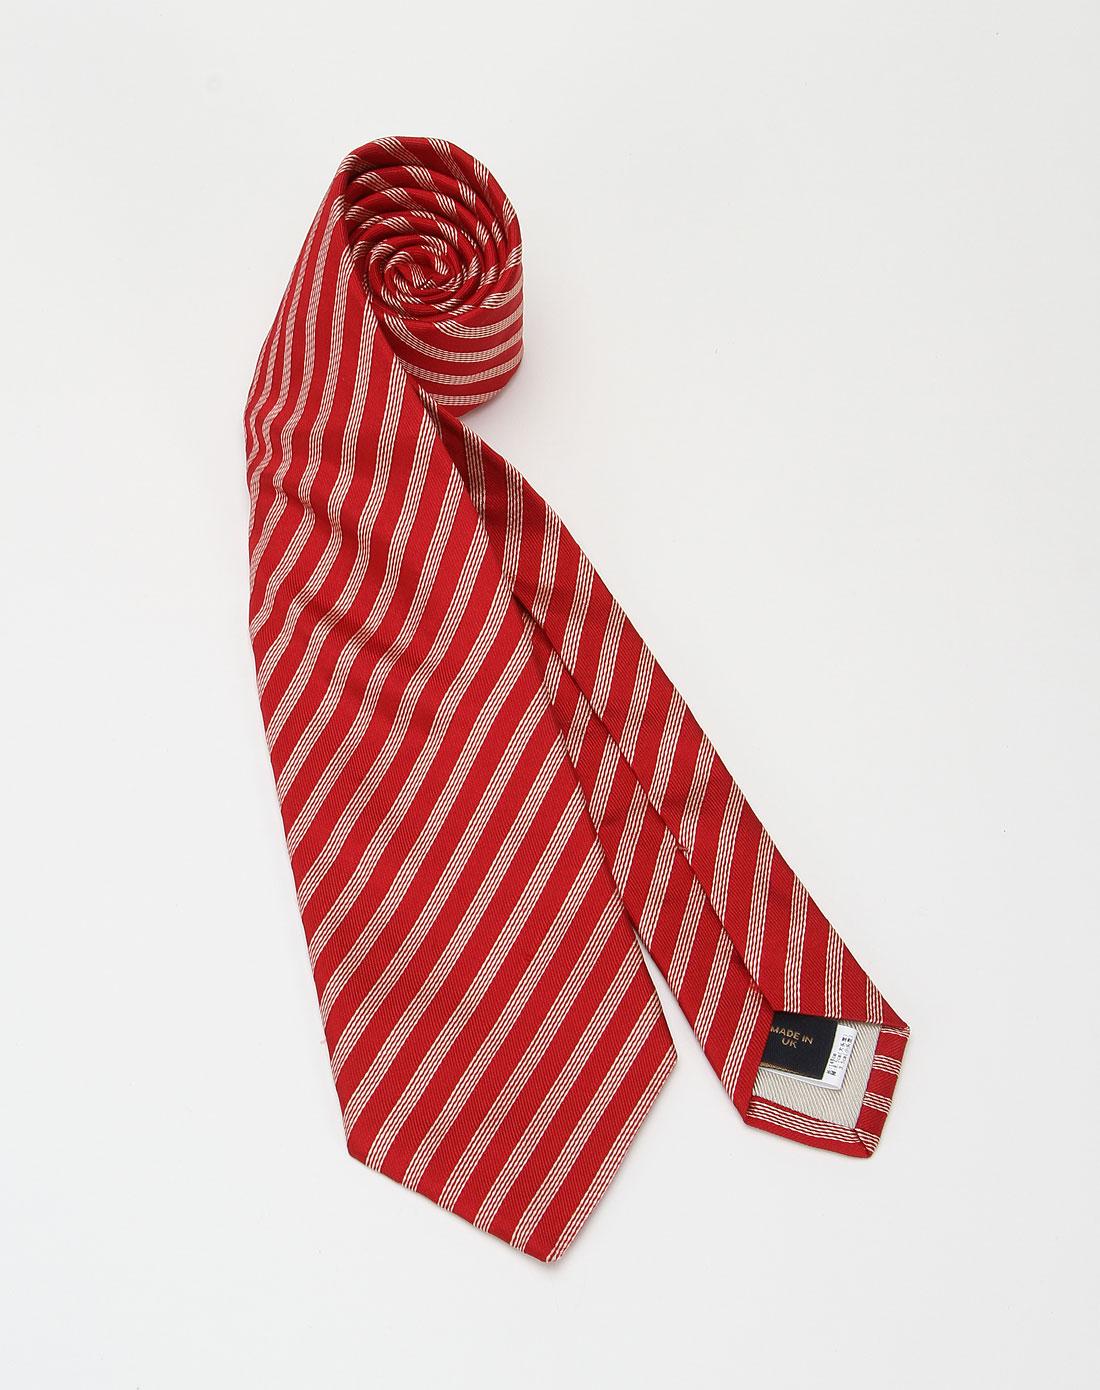 鲜红色斜条纹时尚领带